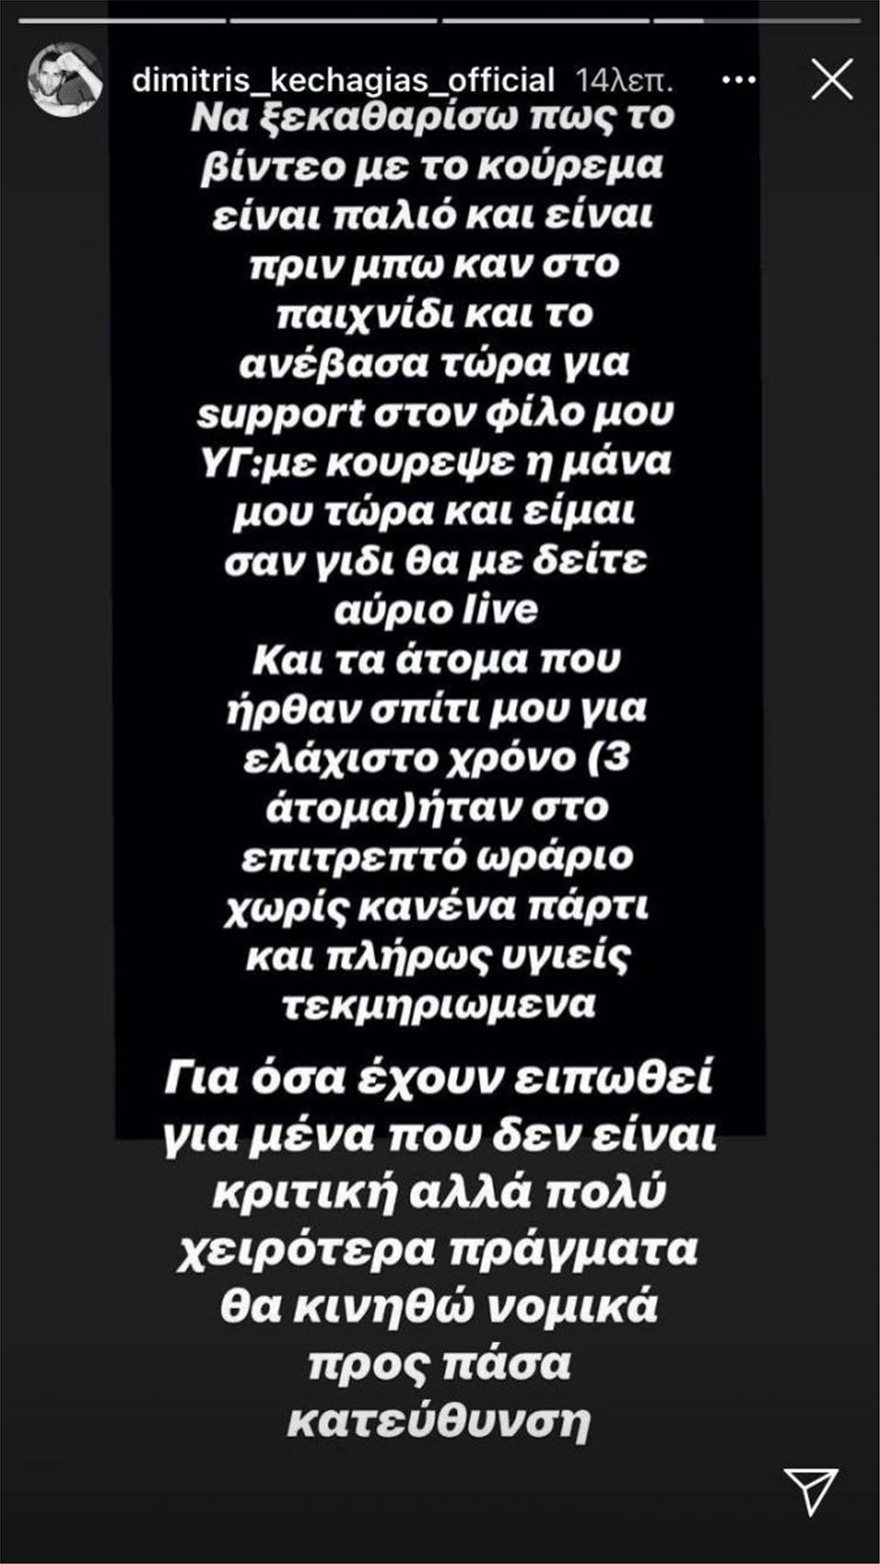 kechagias-1